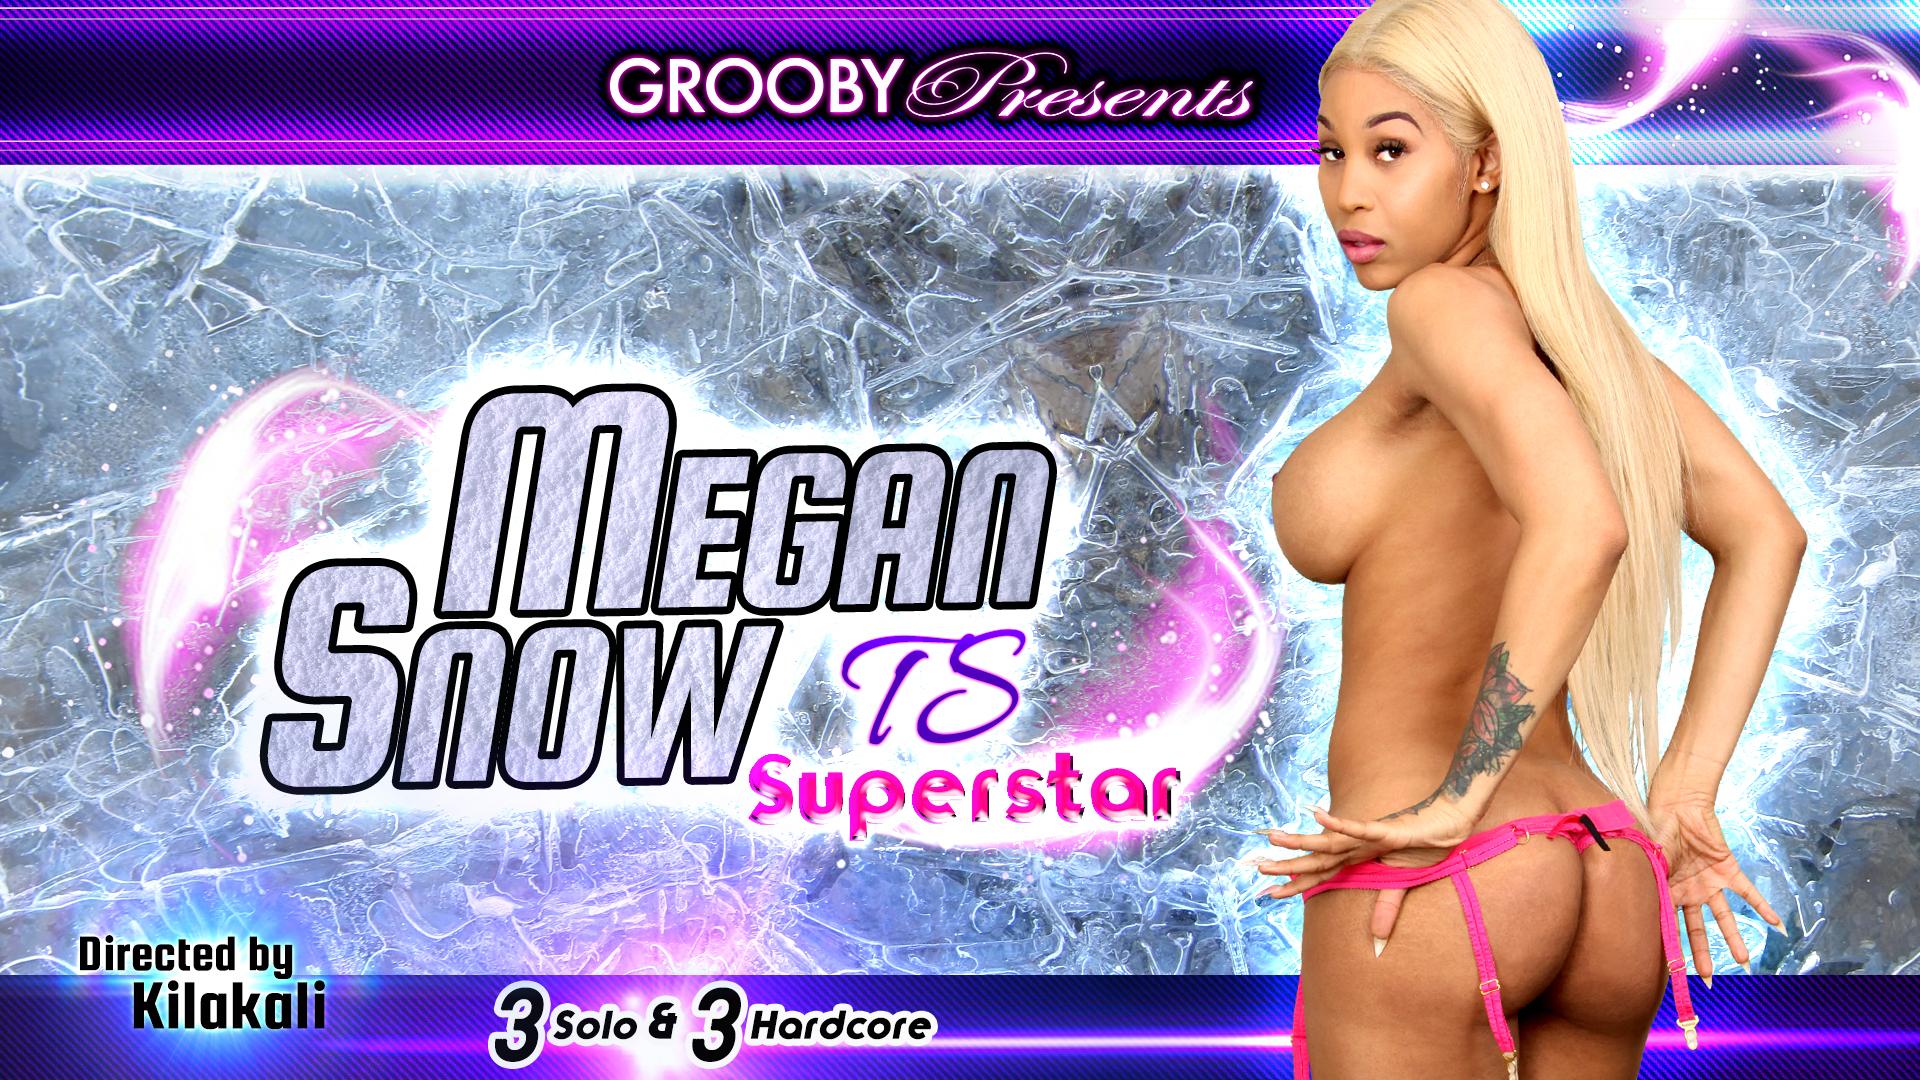 Megan Snow TS Superstar DVD Trailer